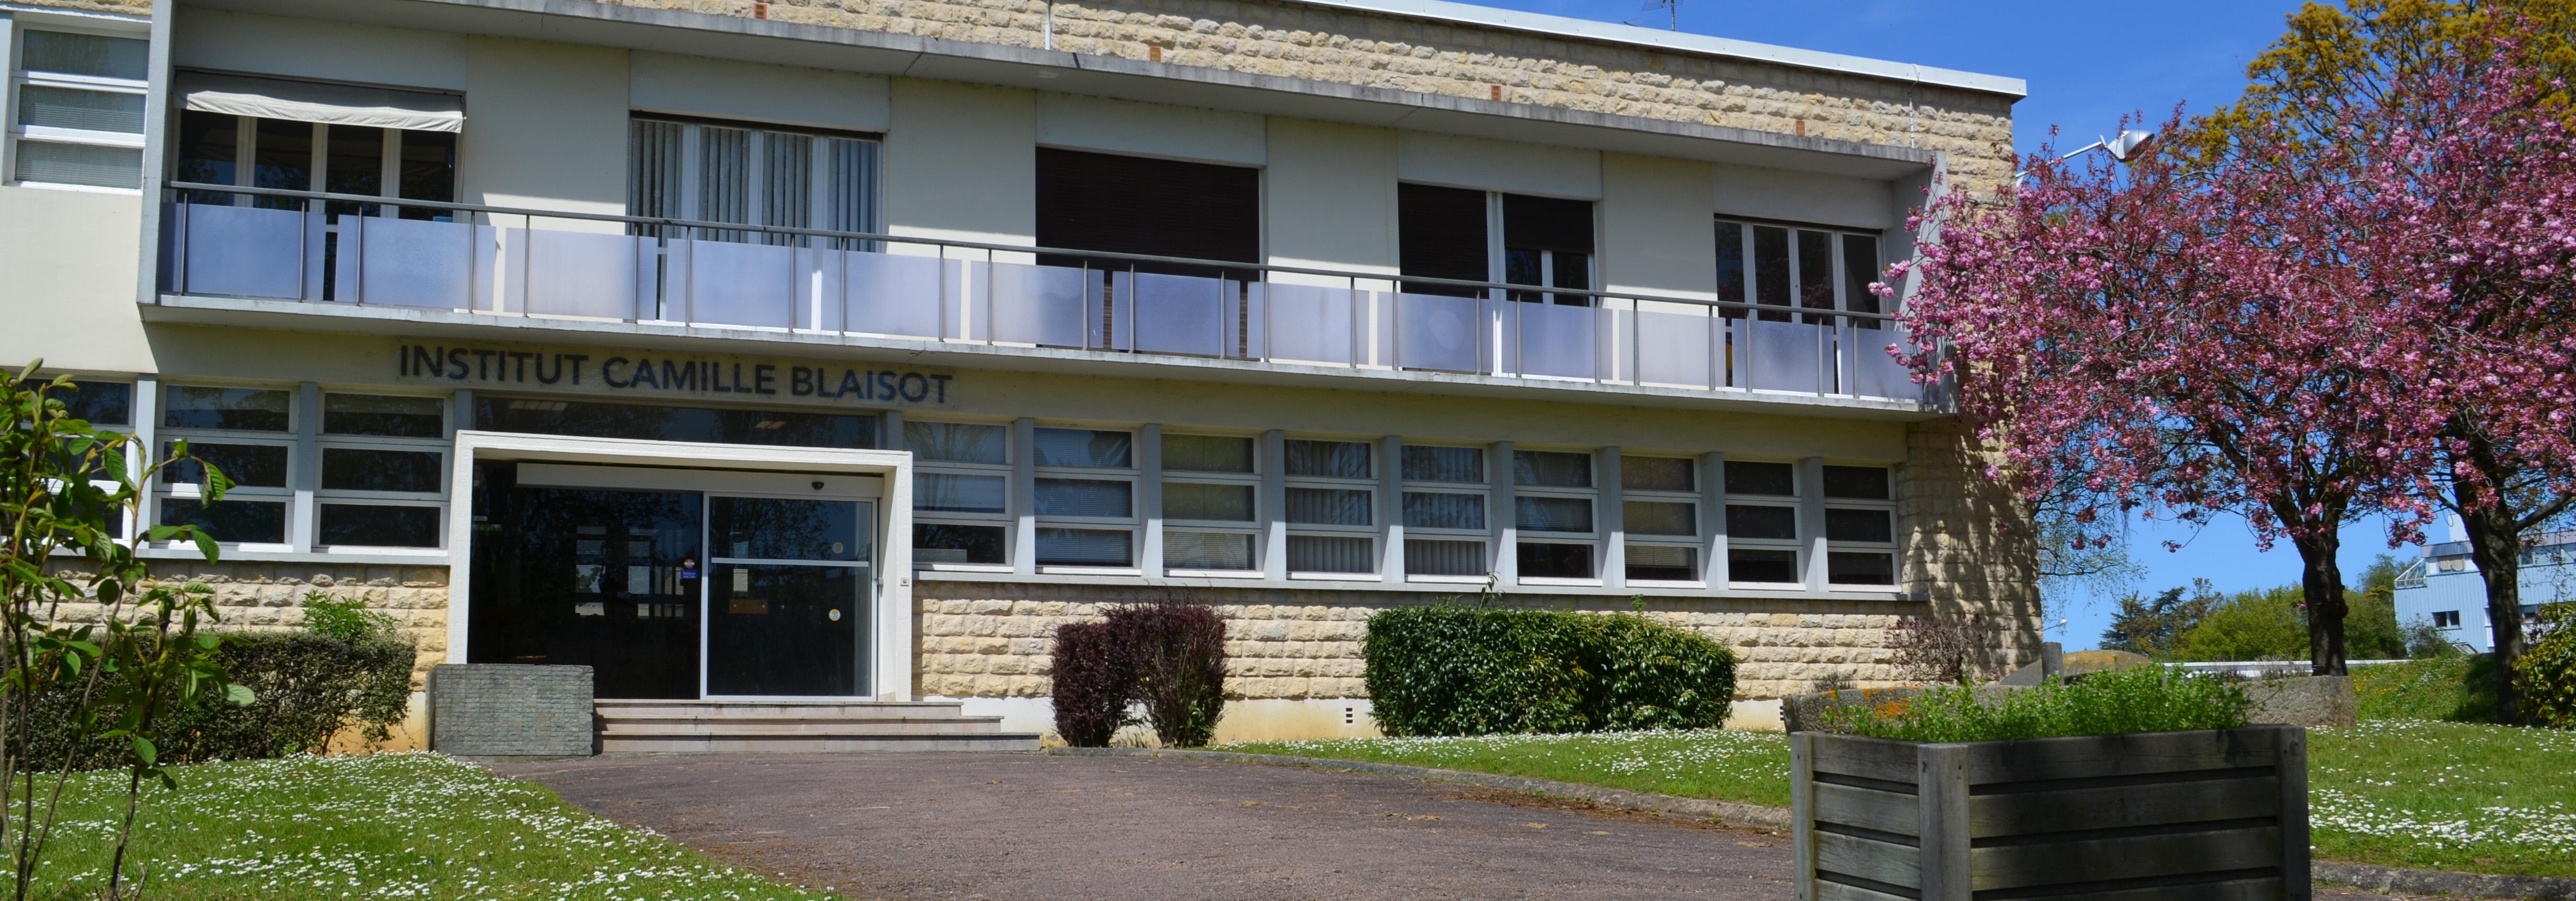 Institut Camille Blaisot (ICB)